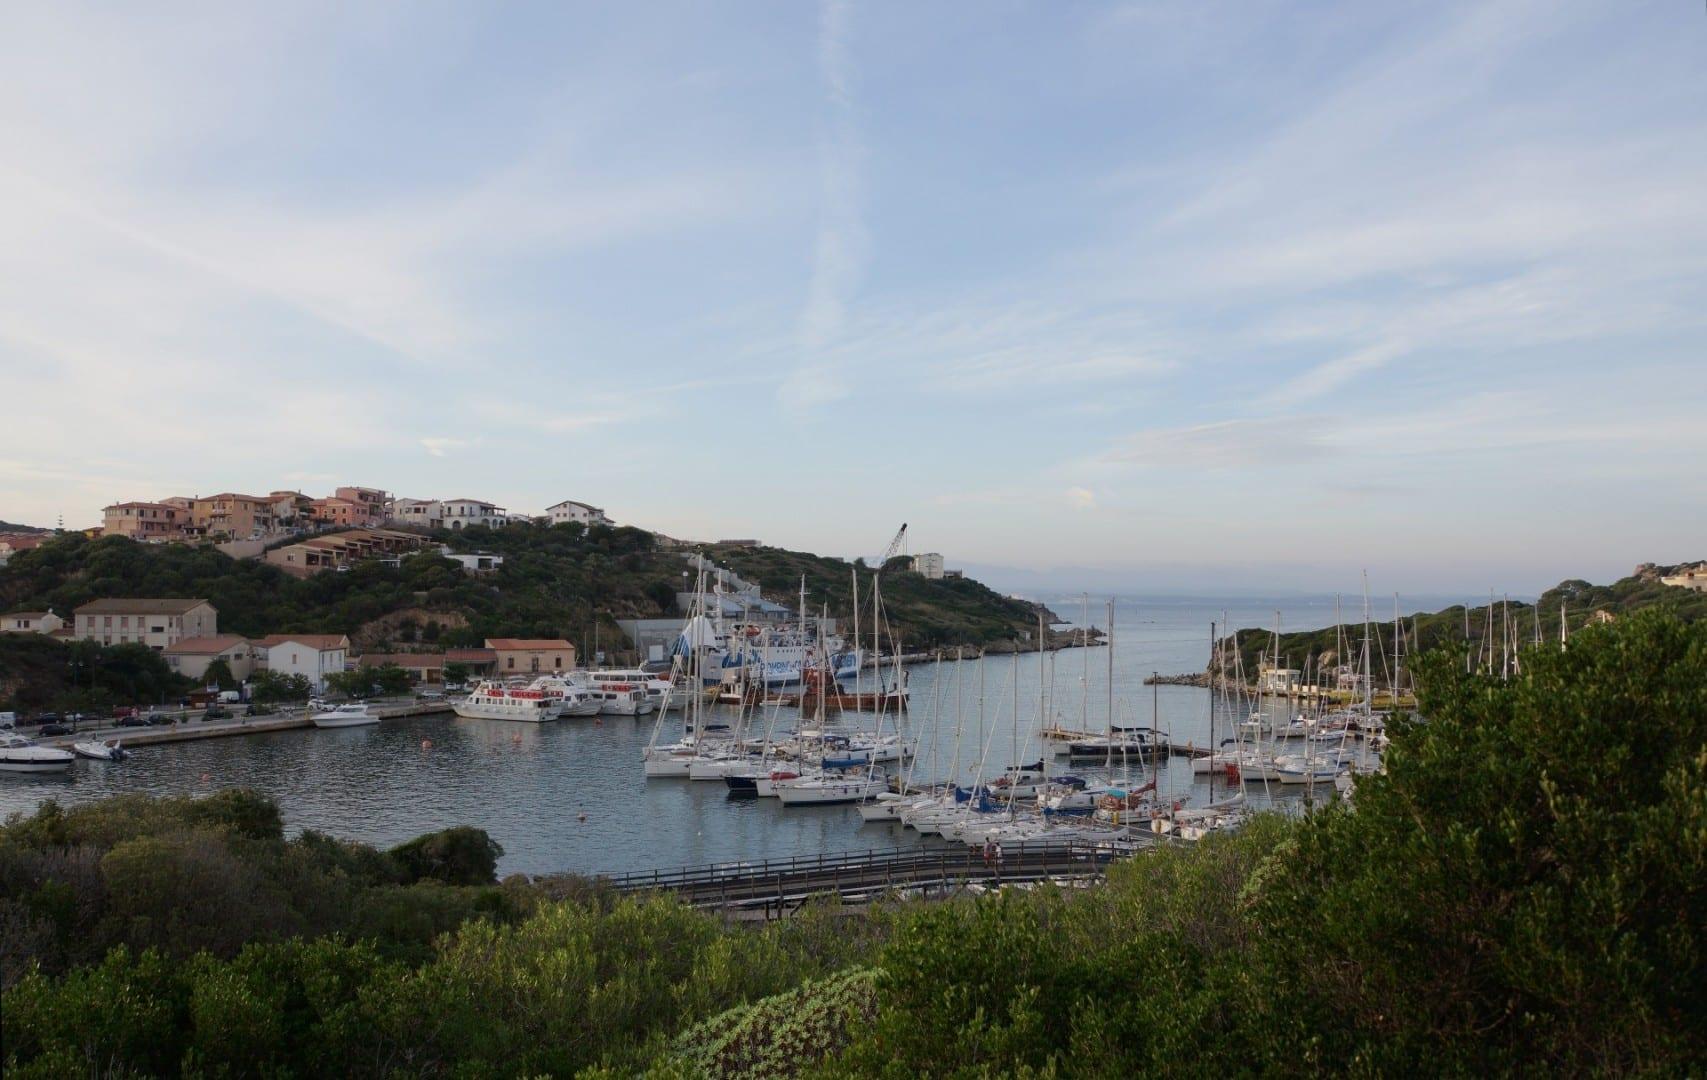 Vista sobre el puerto Santa teresa di gallura Italia